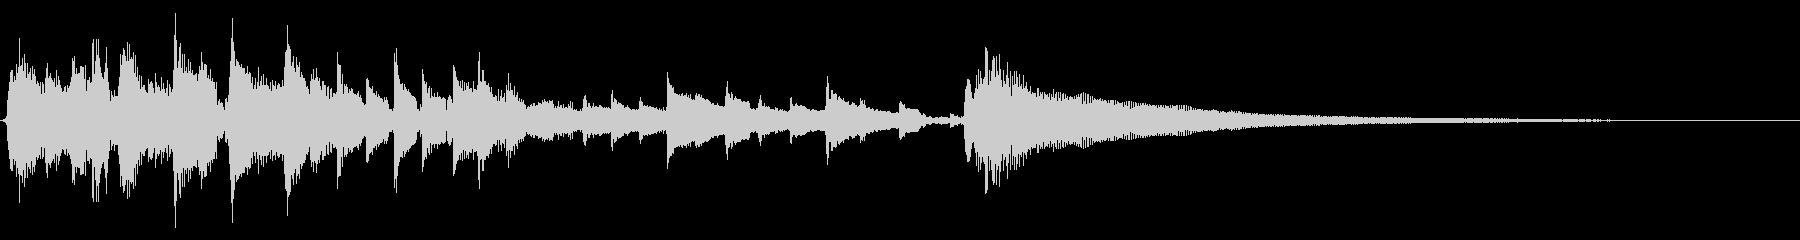 ★アコギソロ(生音)/爽やかな朝日15秒の未再生の波形